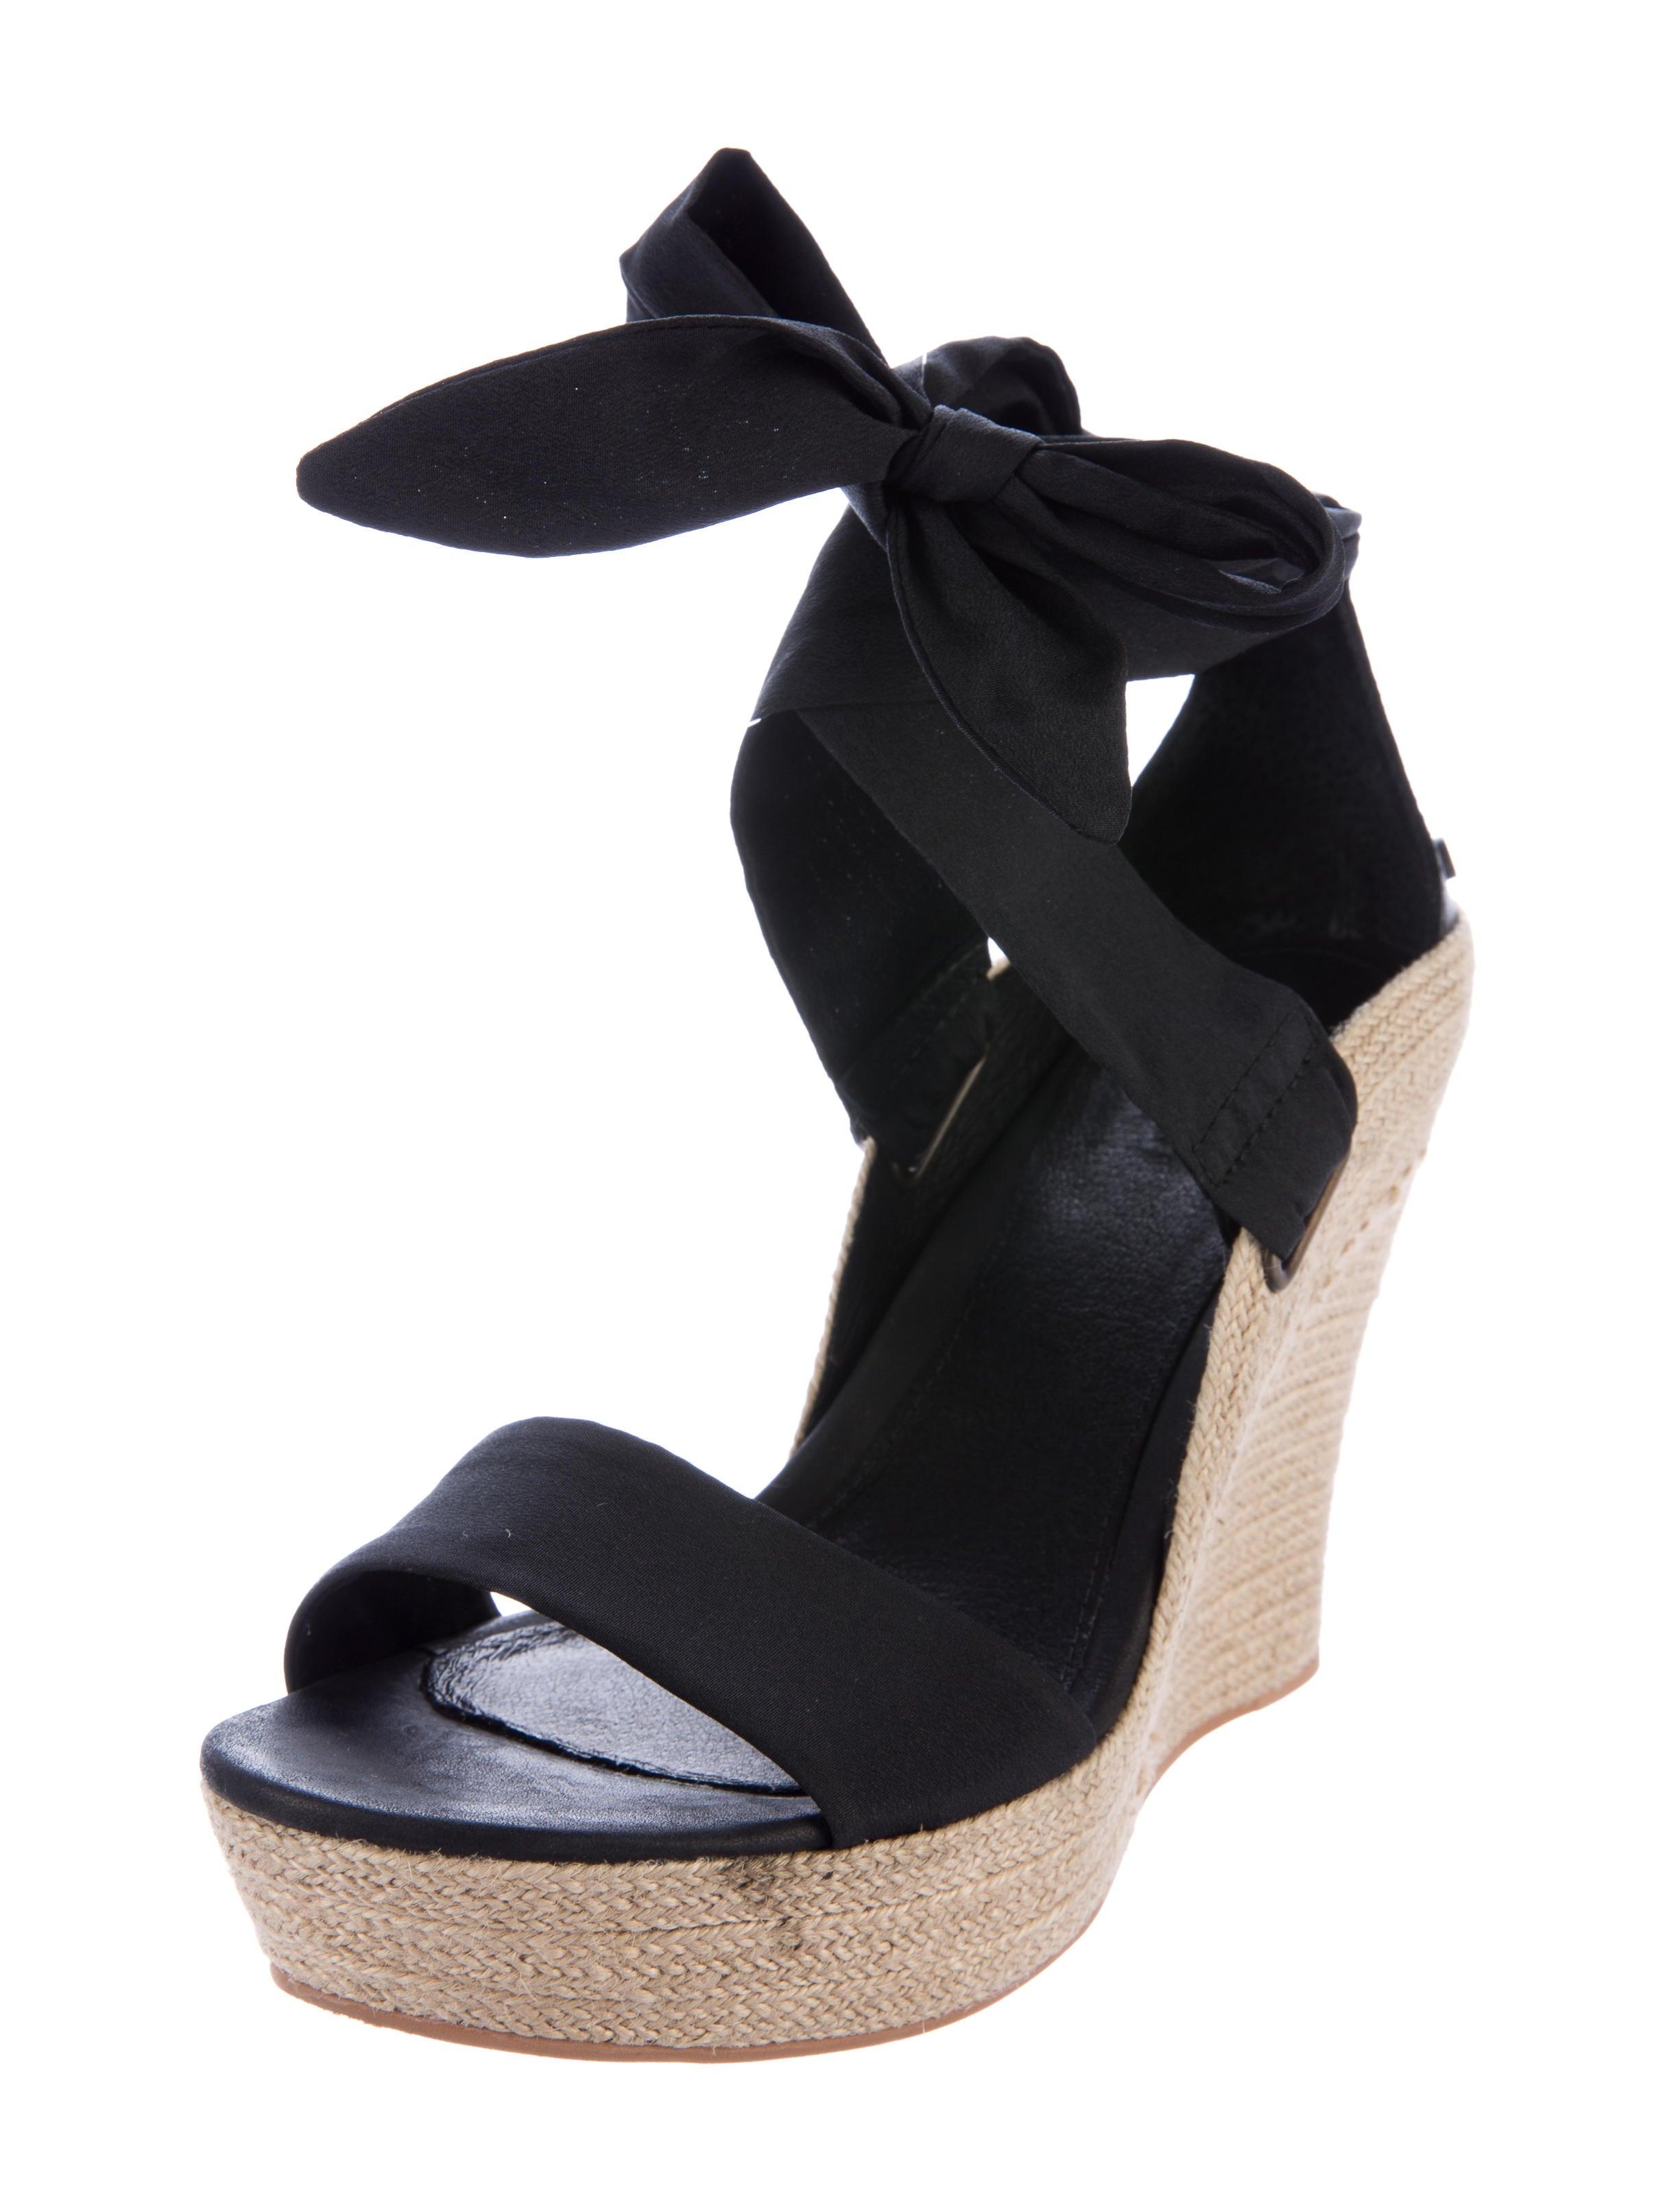 ugg australia platform espadrille wedges shoes